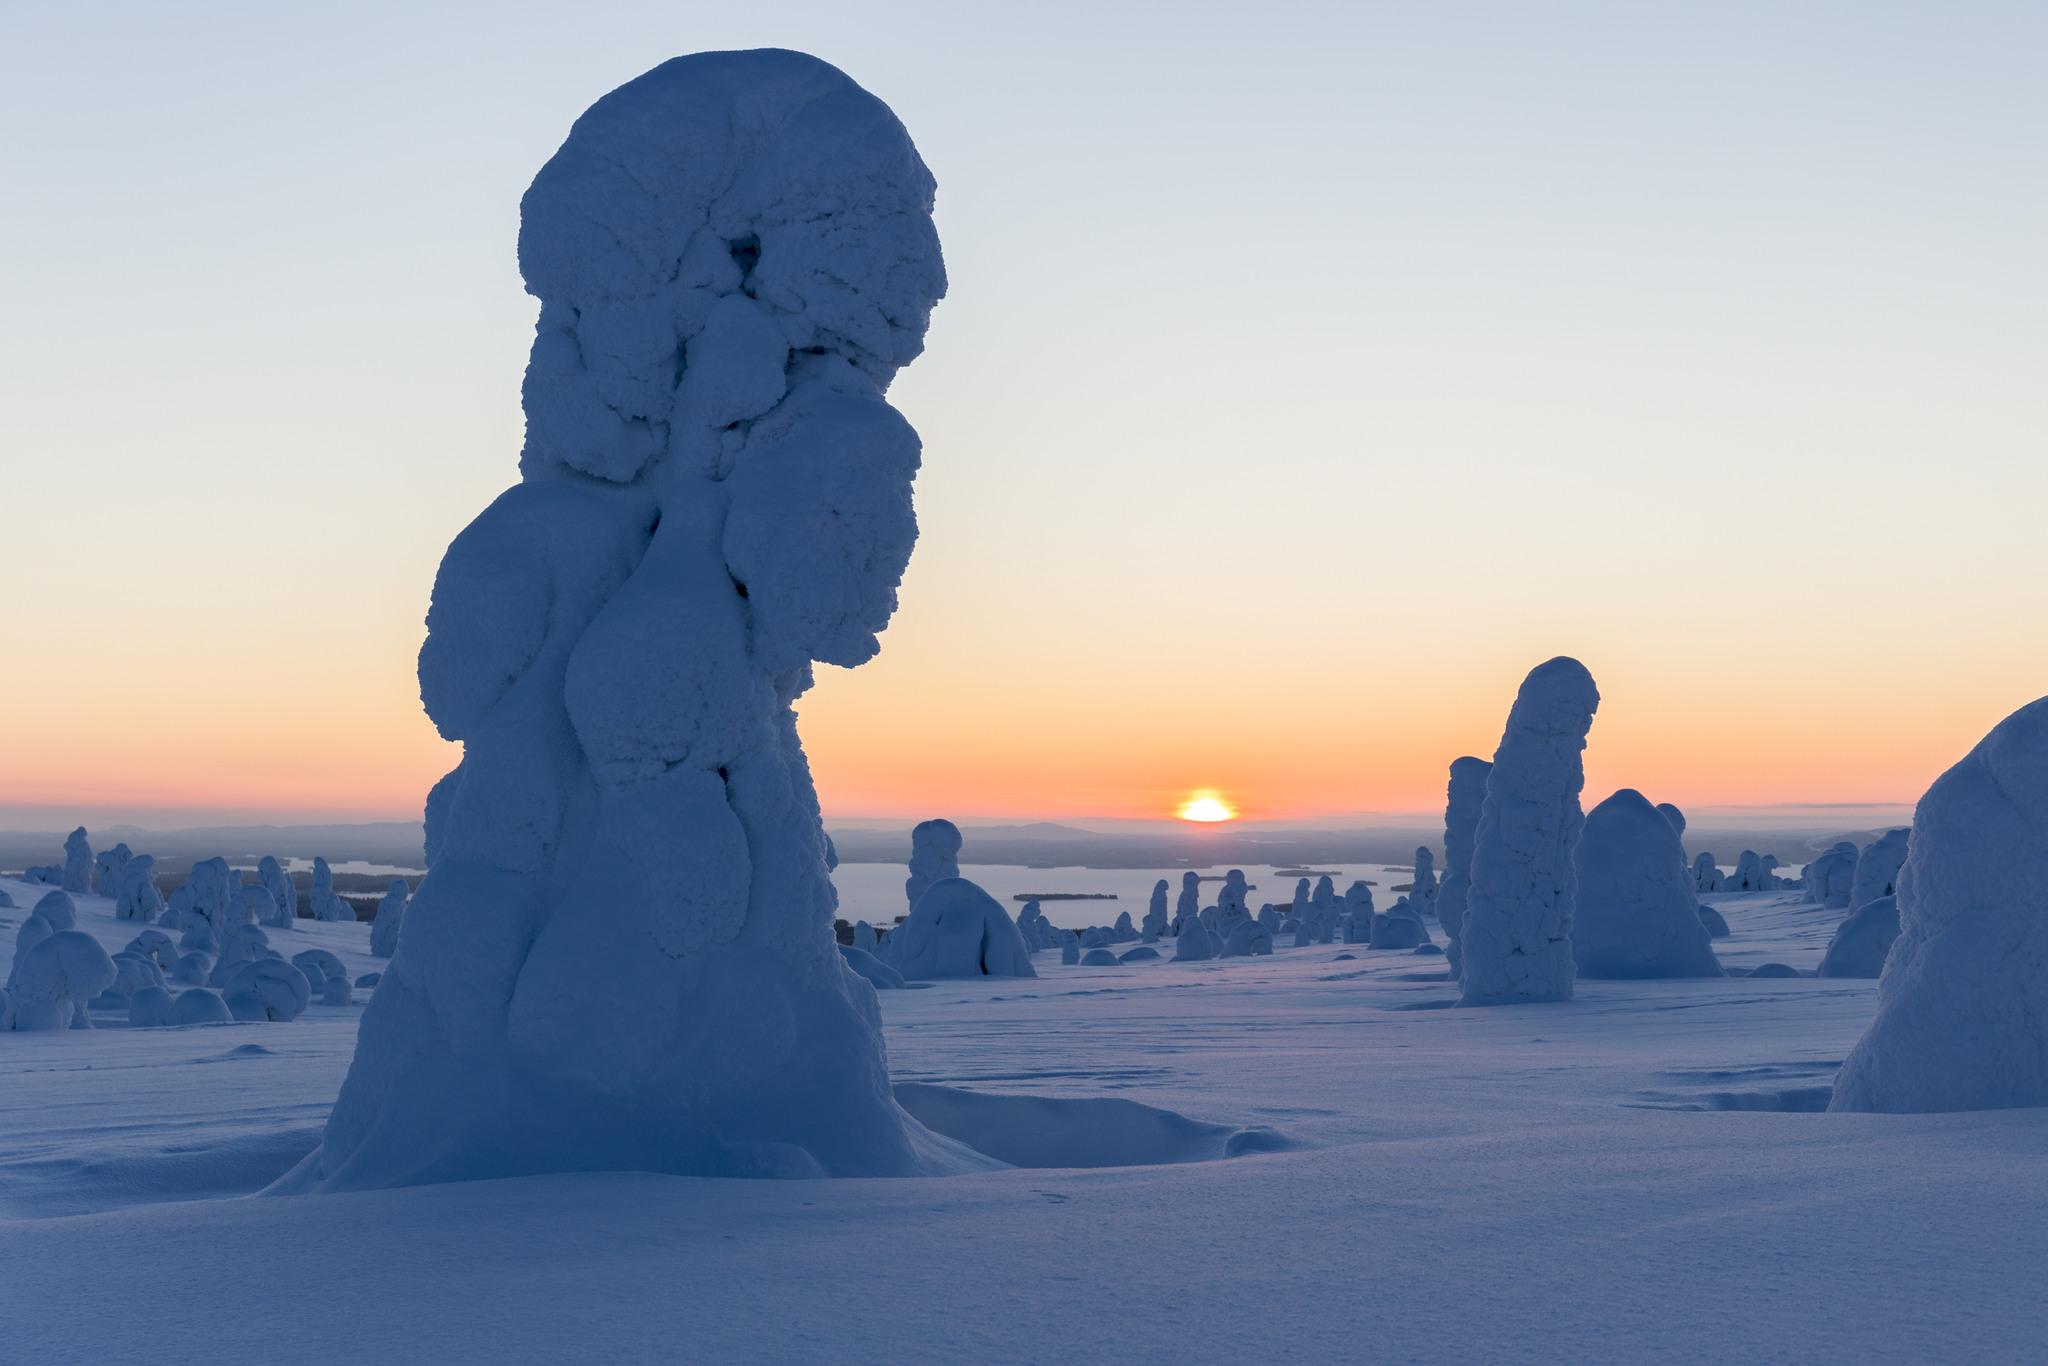 Helmikuun kuvausjakso päätettiin onnistuneesti Riisitunturin mahtavissa maisemissa